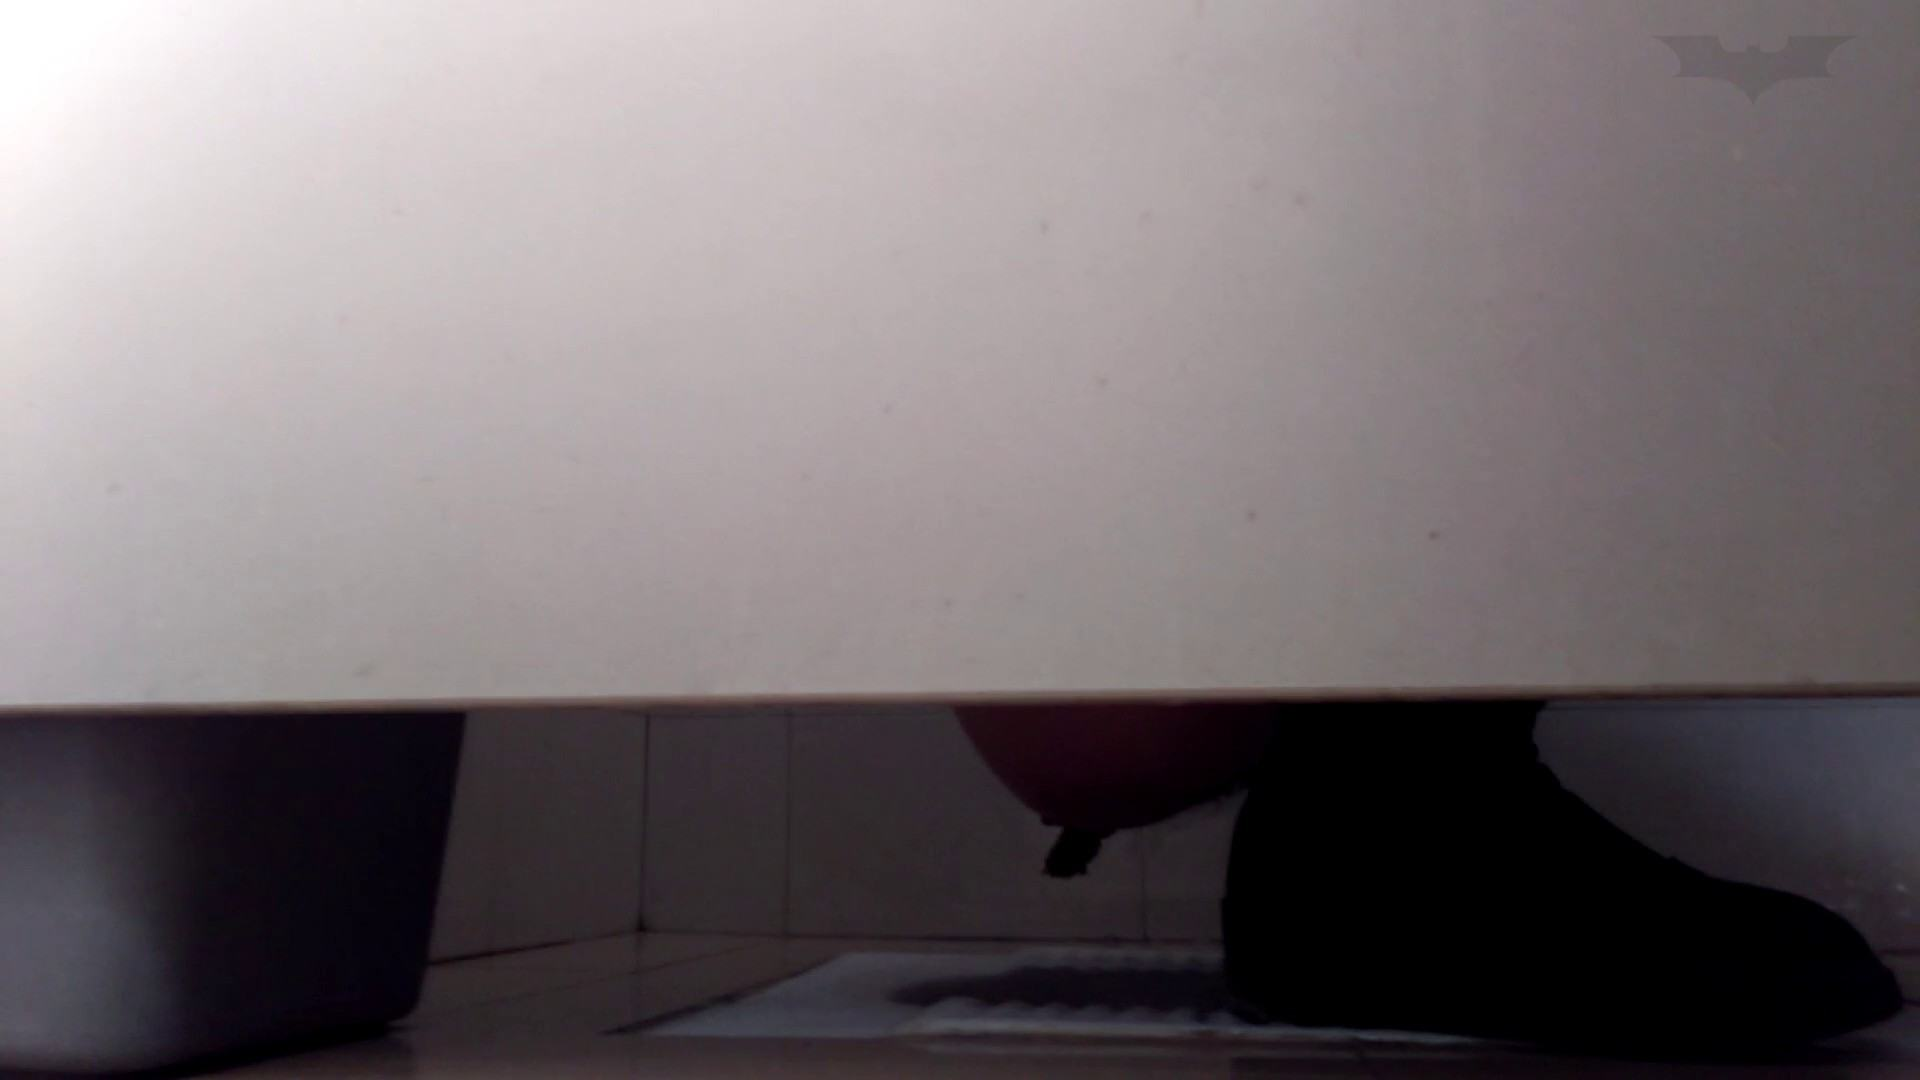 芸術大学ガチ潜入盗撮 JD盗撮 美女の洗面所の秘密 Vol.99 トイレのぞき AV無料 88画像 10